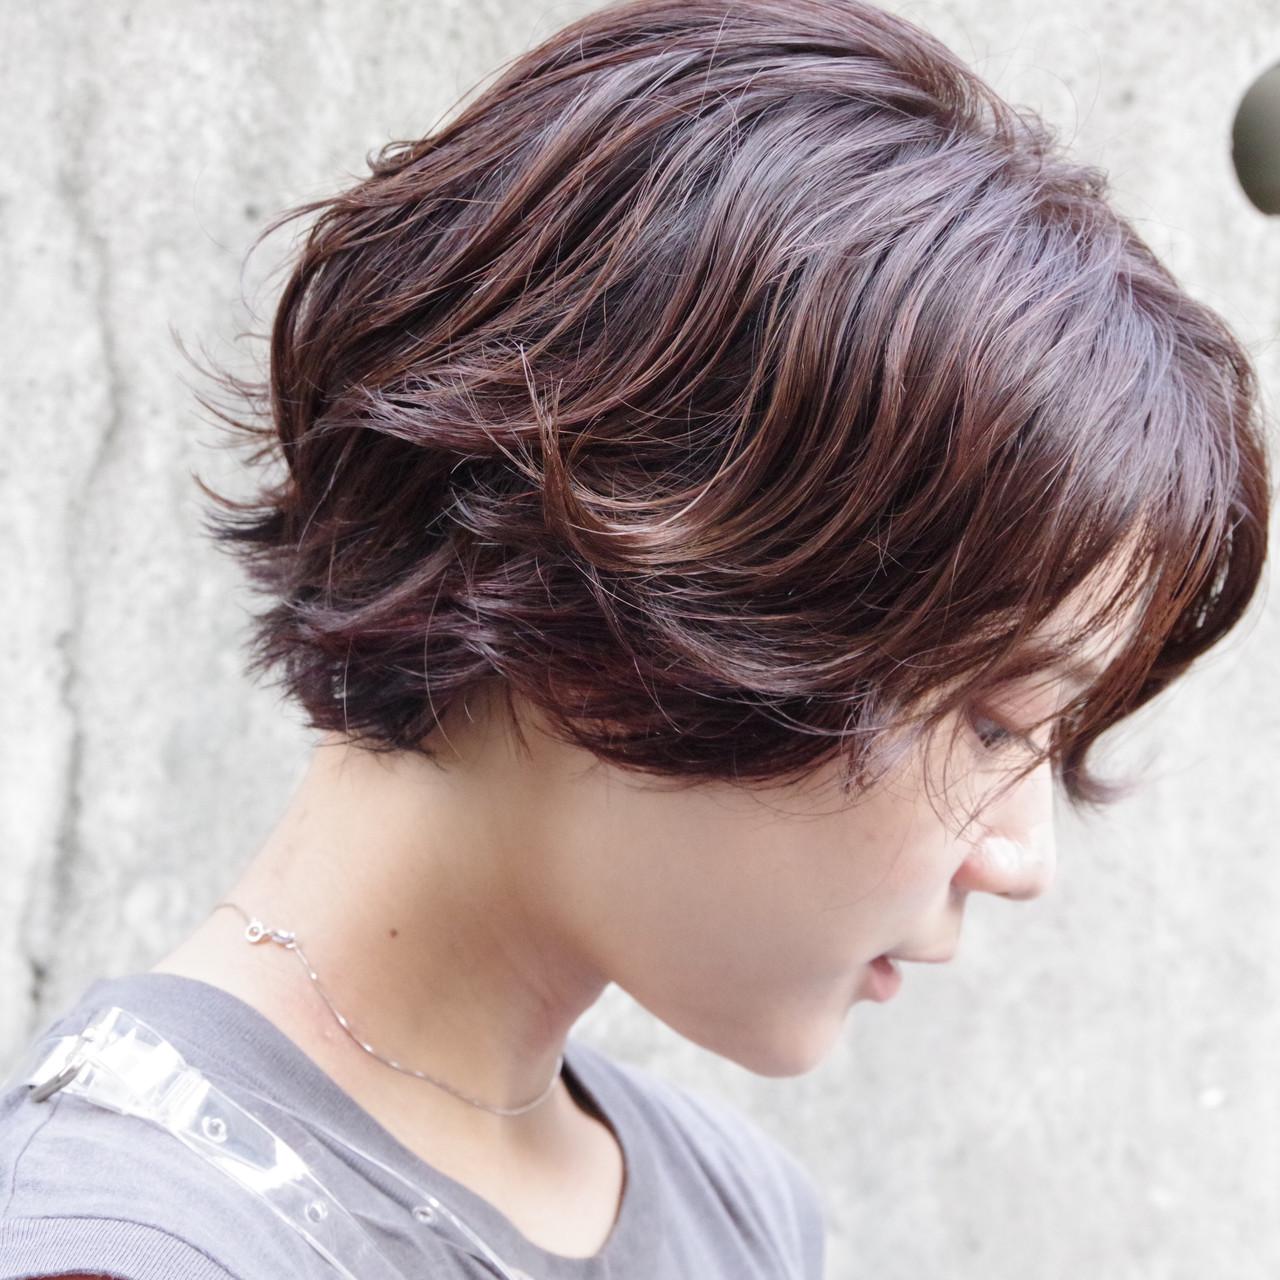 ショート ワンカールパーマ ショートヘア ナチュラル ヘアスタイルや髪型の写真・画像